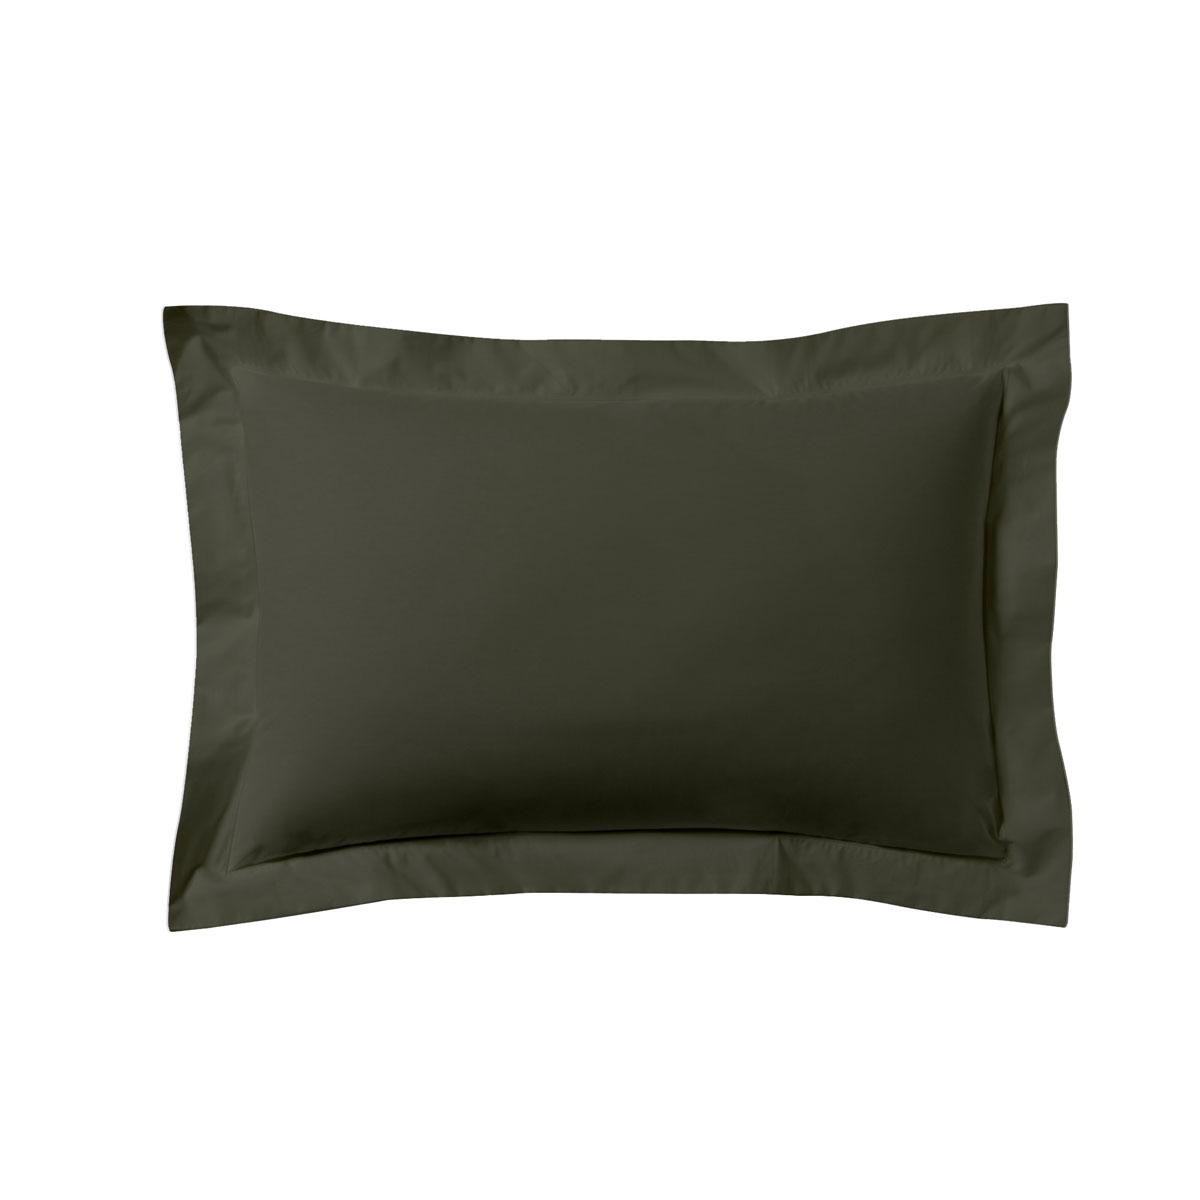 Taie d'oreiller unie en coton gris 50x70